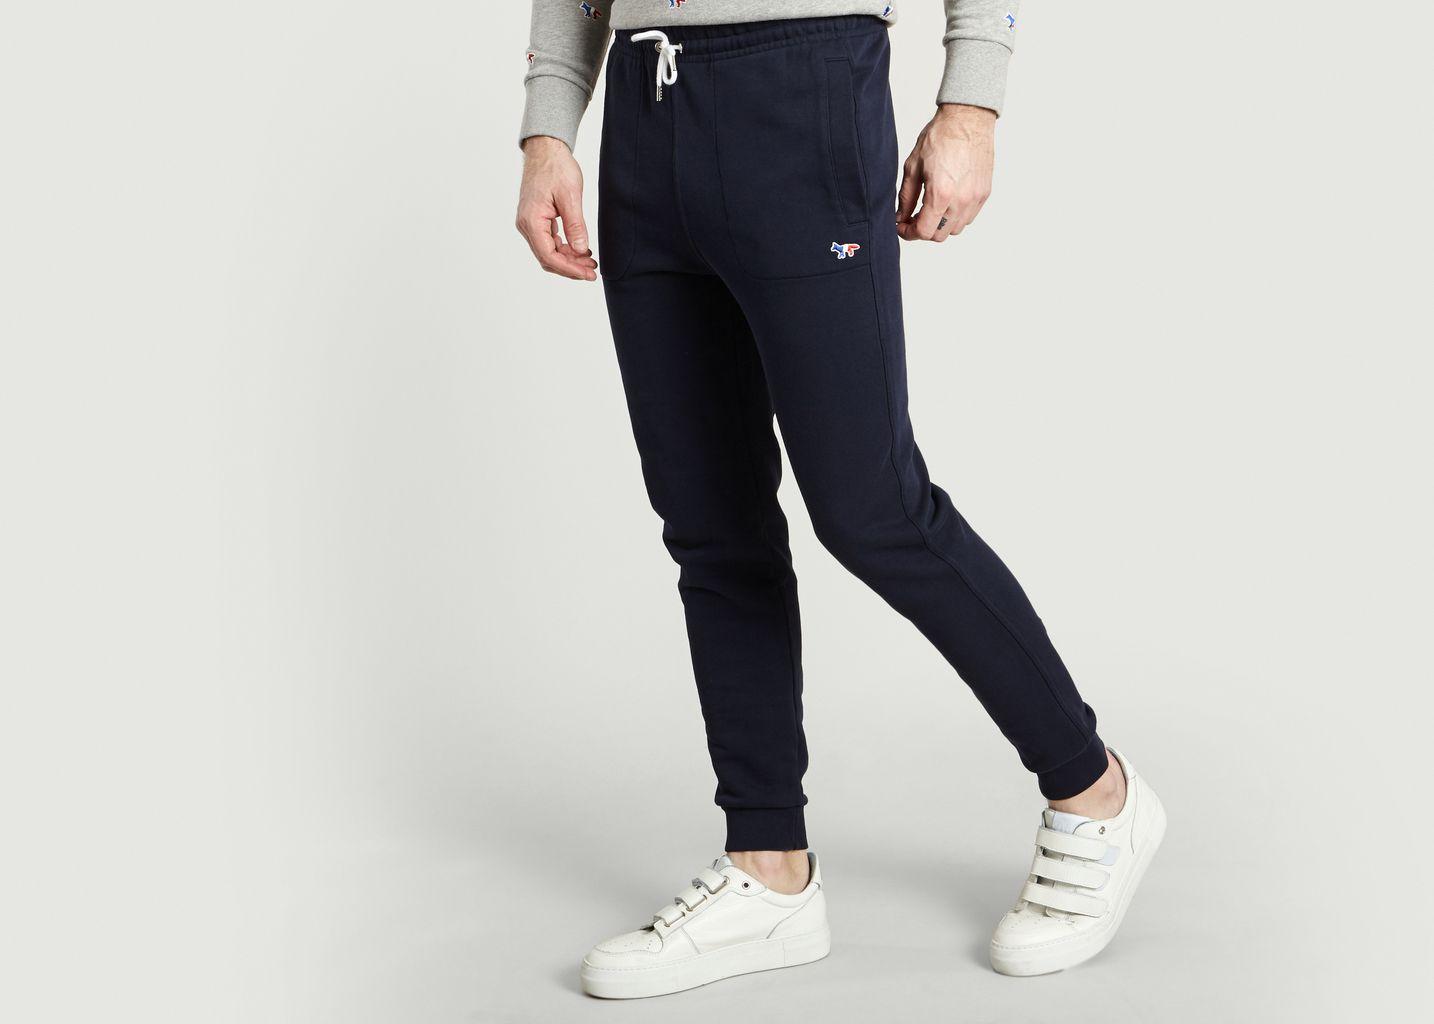 Pantalon De Jogging Avec Ecusson Renard - Maison Kitsuné